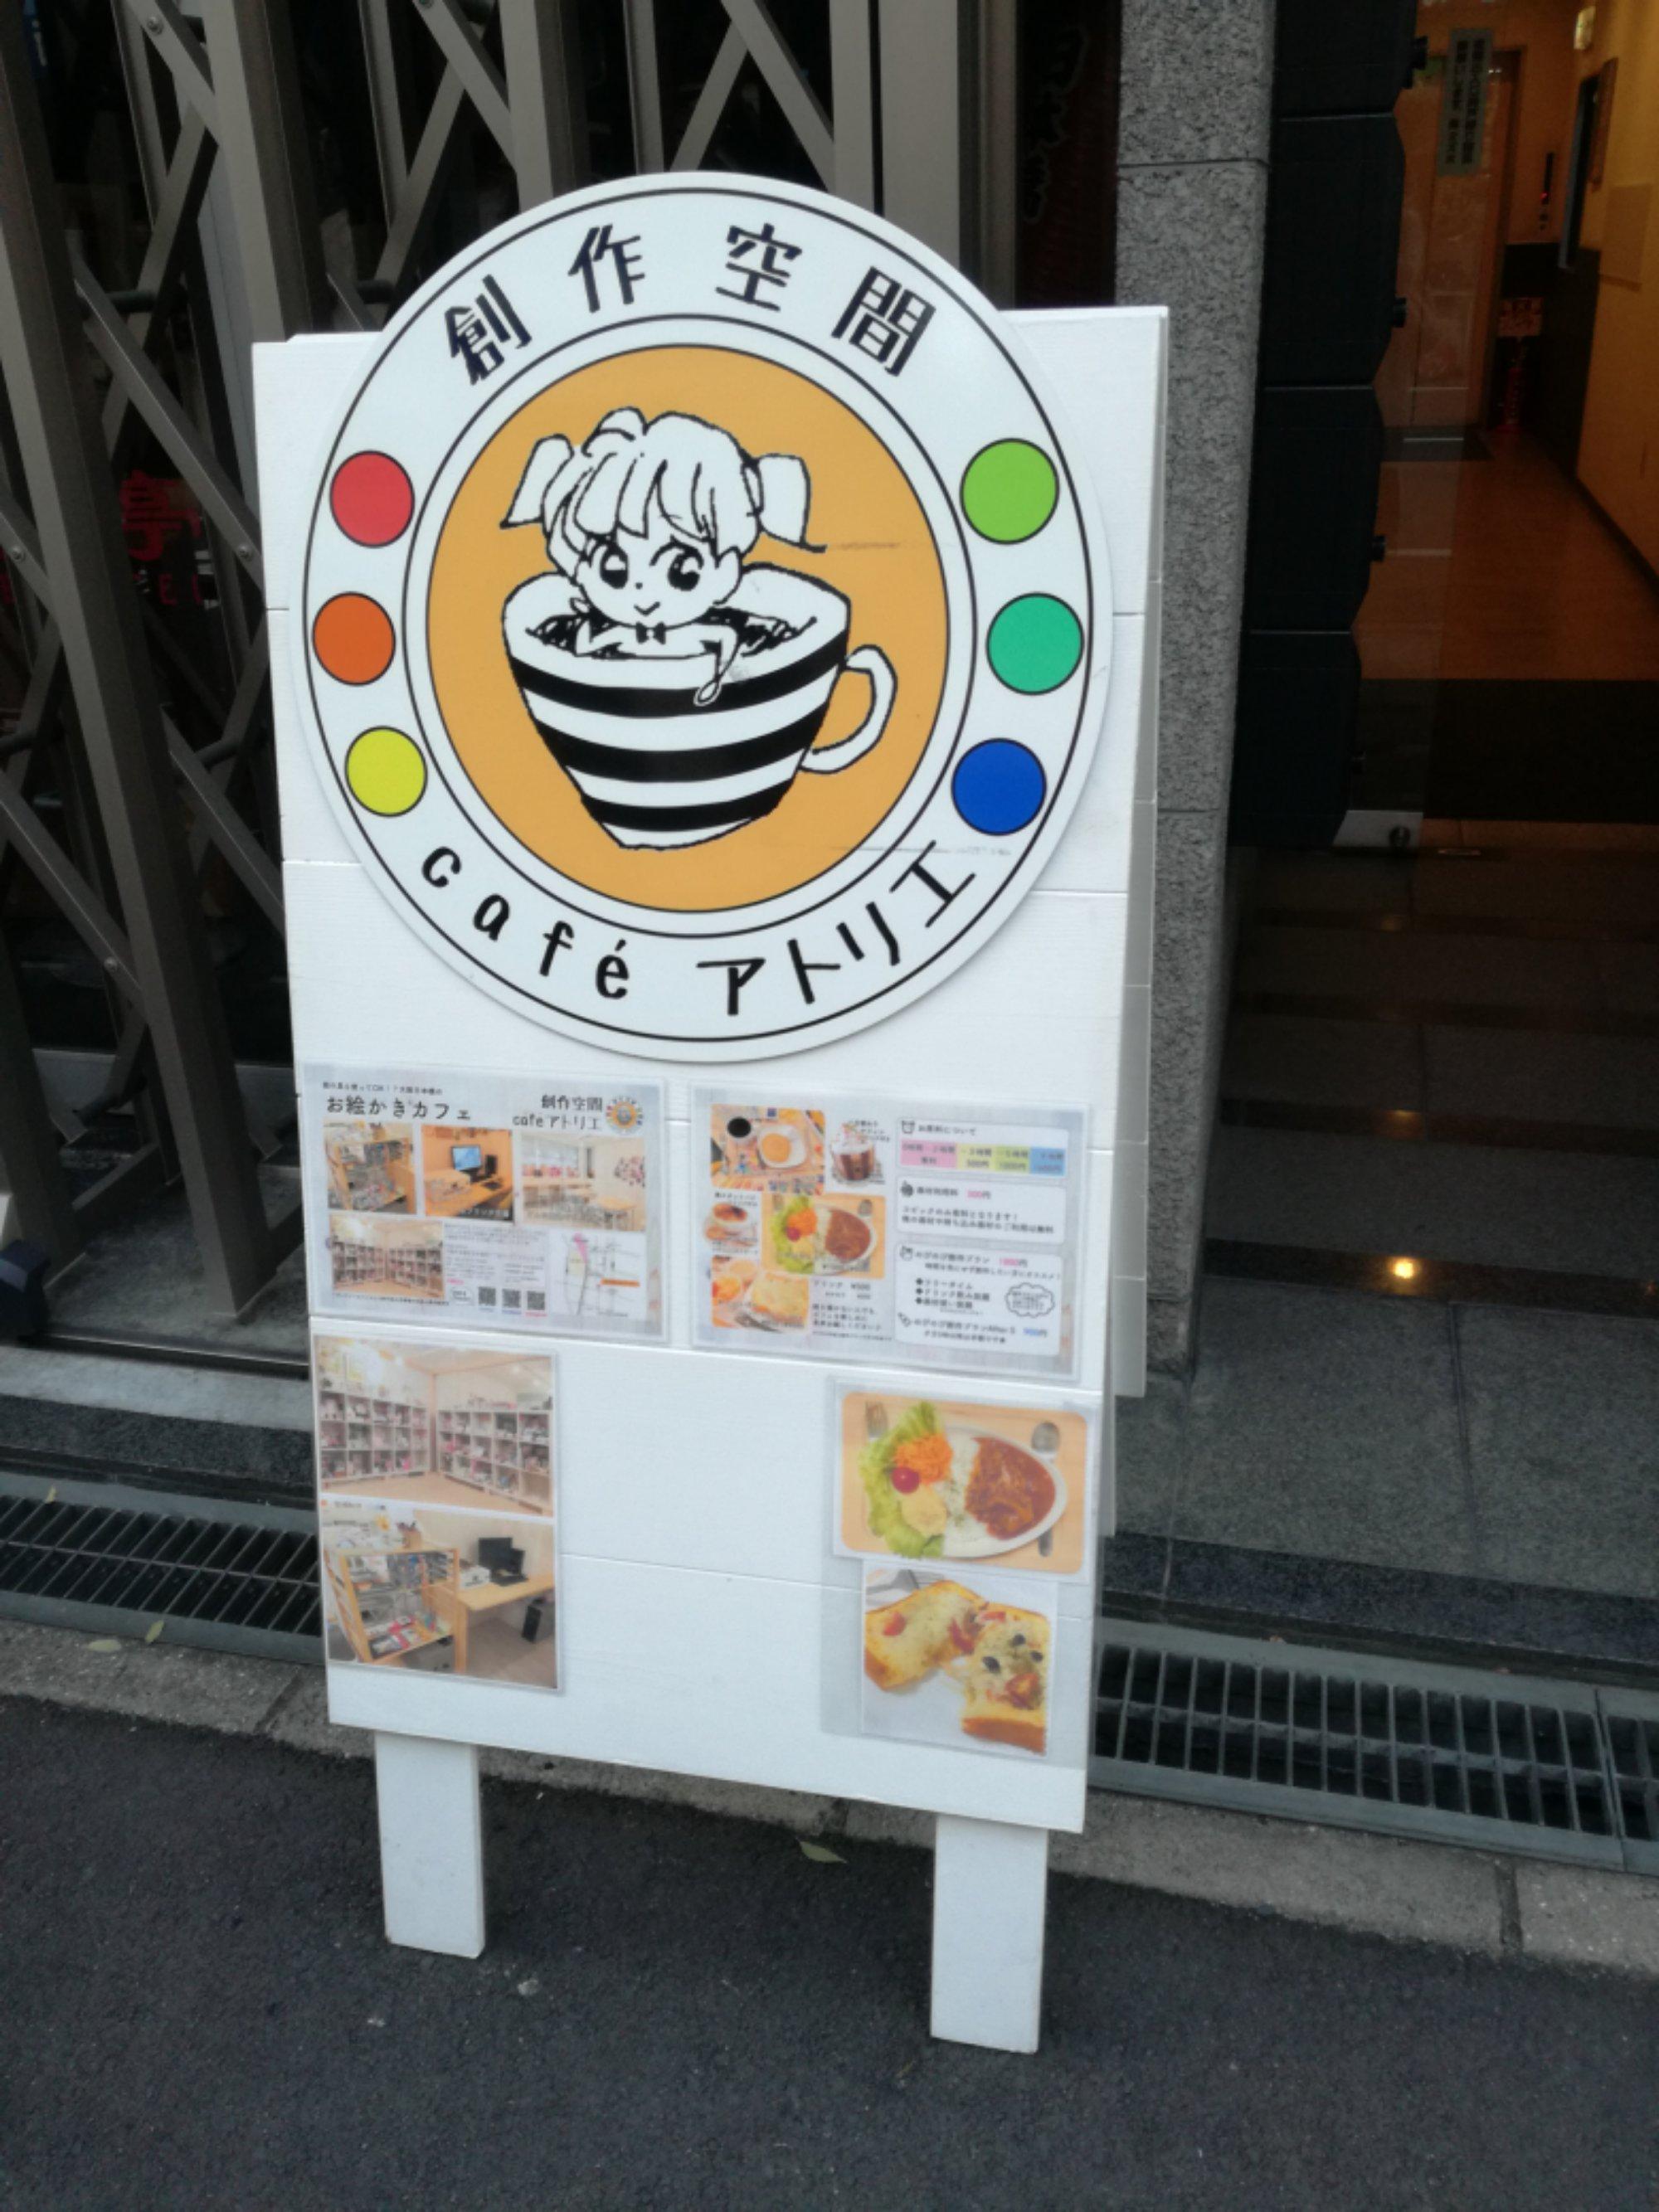 【大阪・日本橋】イラストを人目を気にせず書ける創作空間Cafeアトリエへ行って来ました!